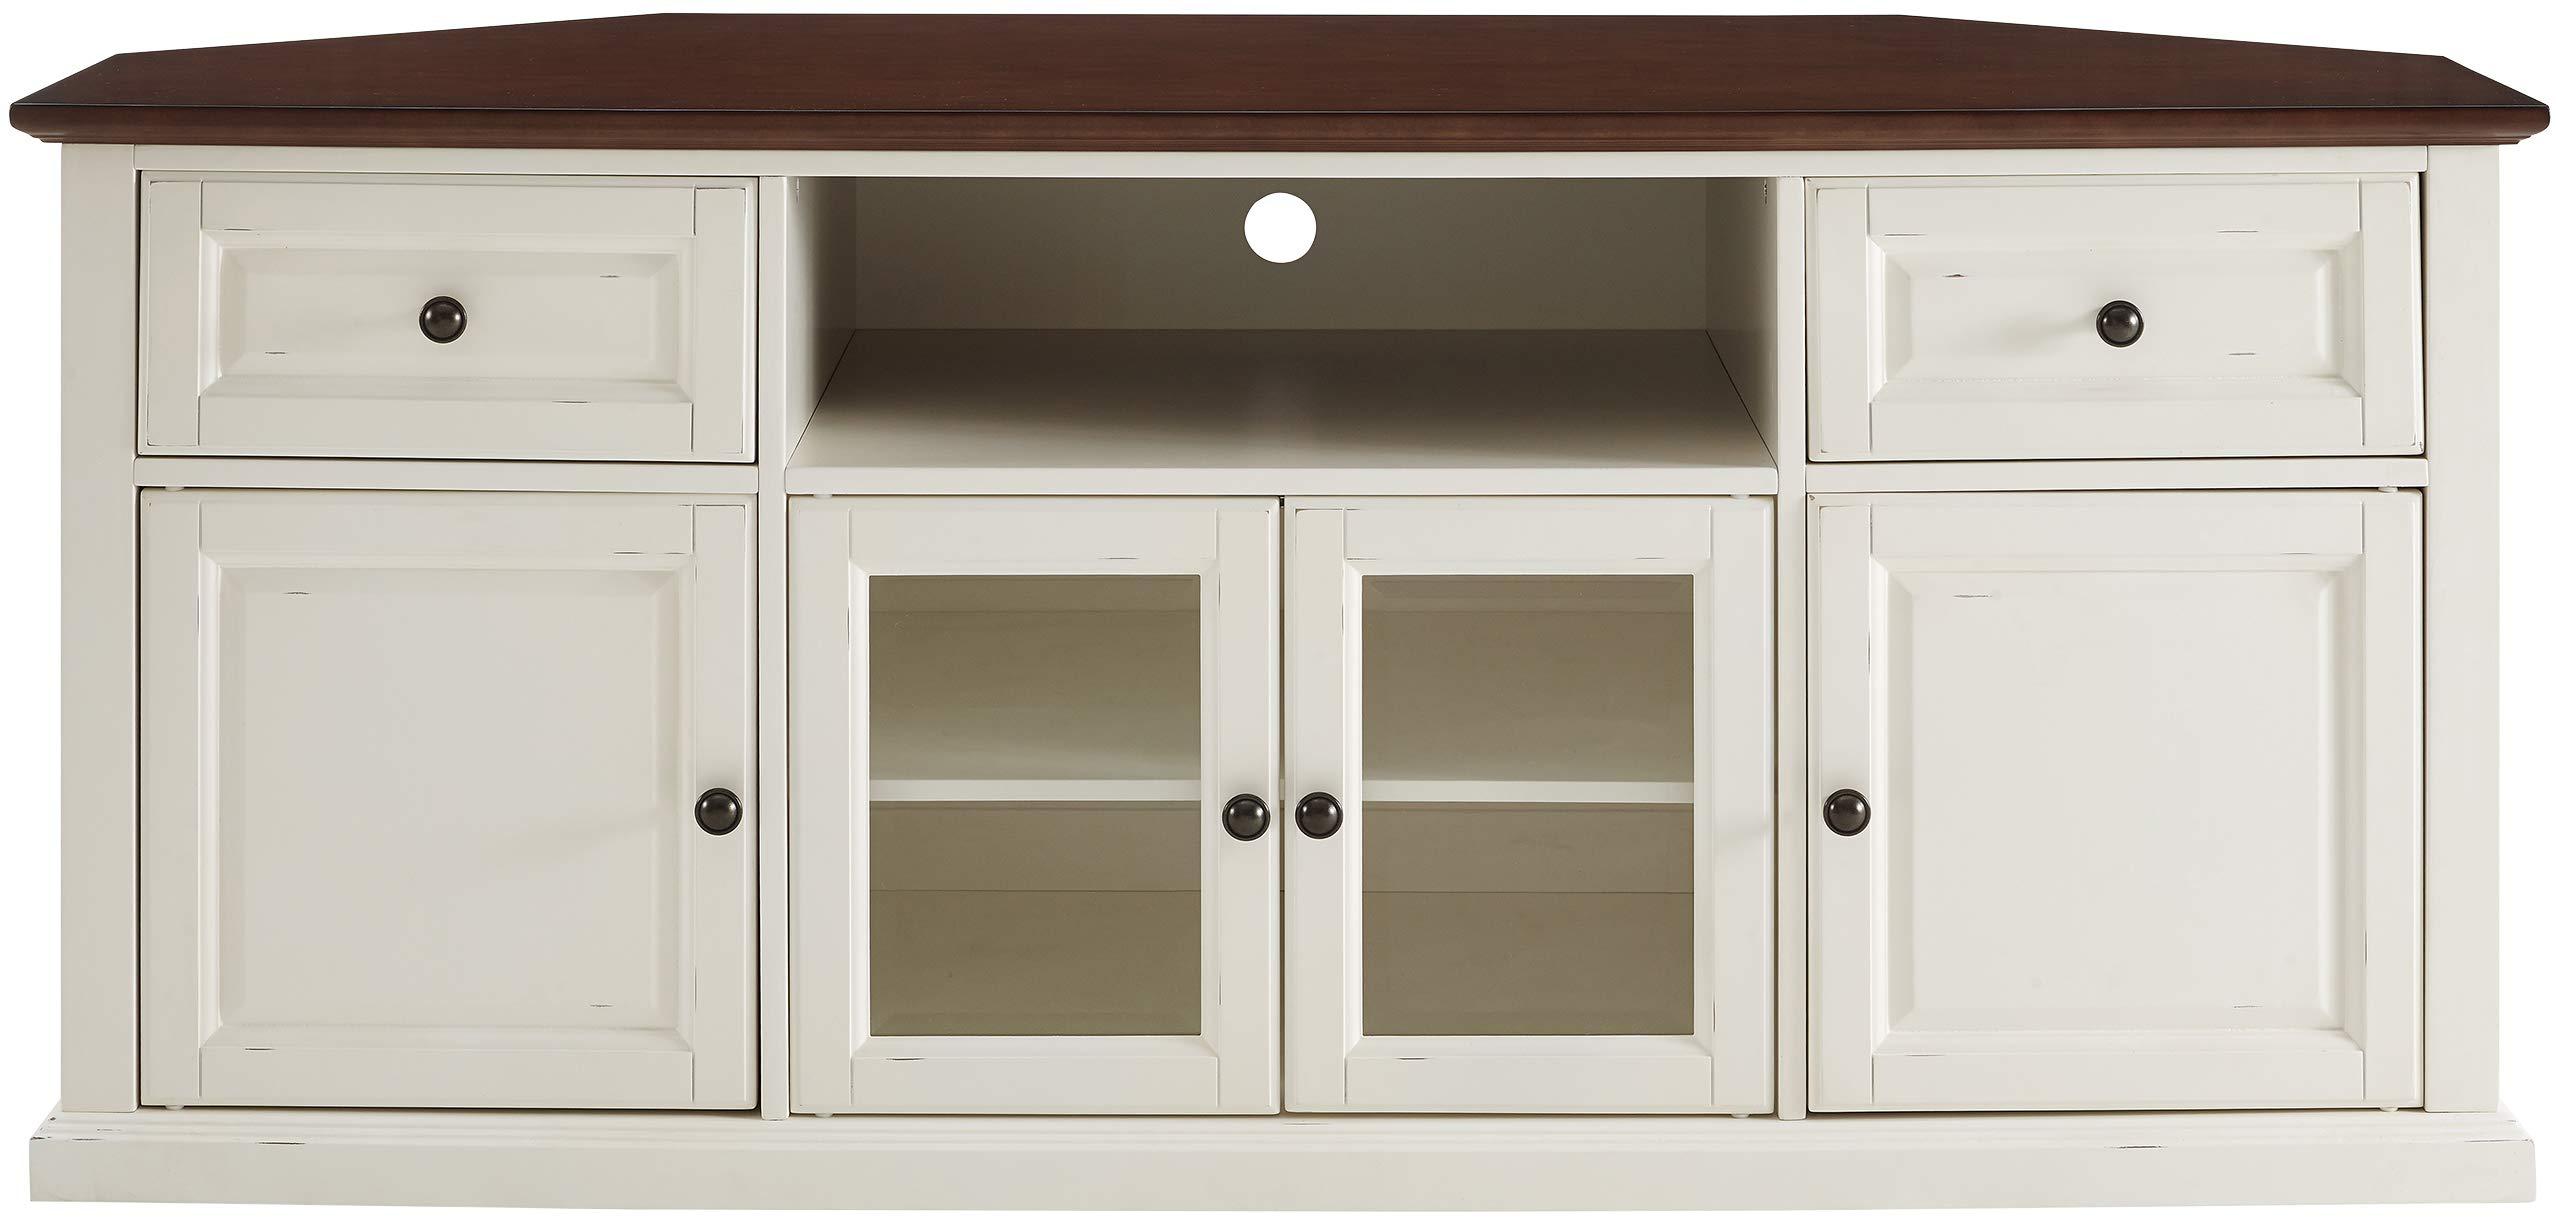 Crosley Furniture Shelby - Mueble esquinero para televisor (60 Pulgadas), Color Blanco y Caoba: Amazon.es: Juguetes y juegos